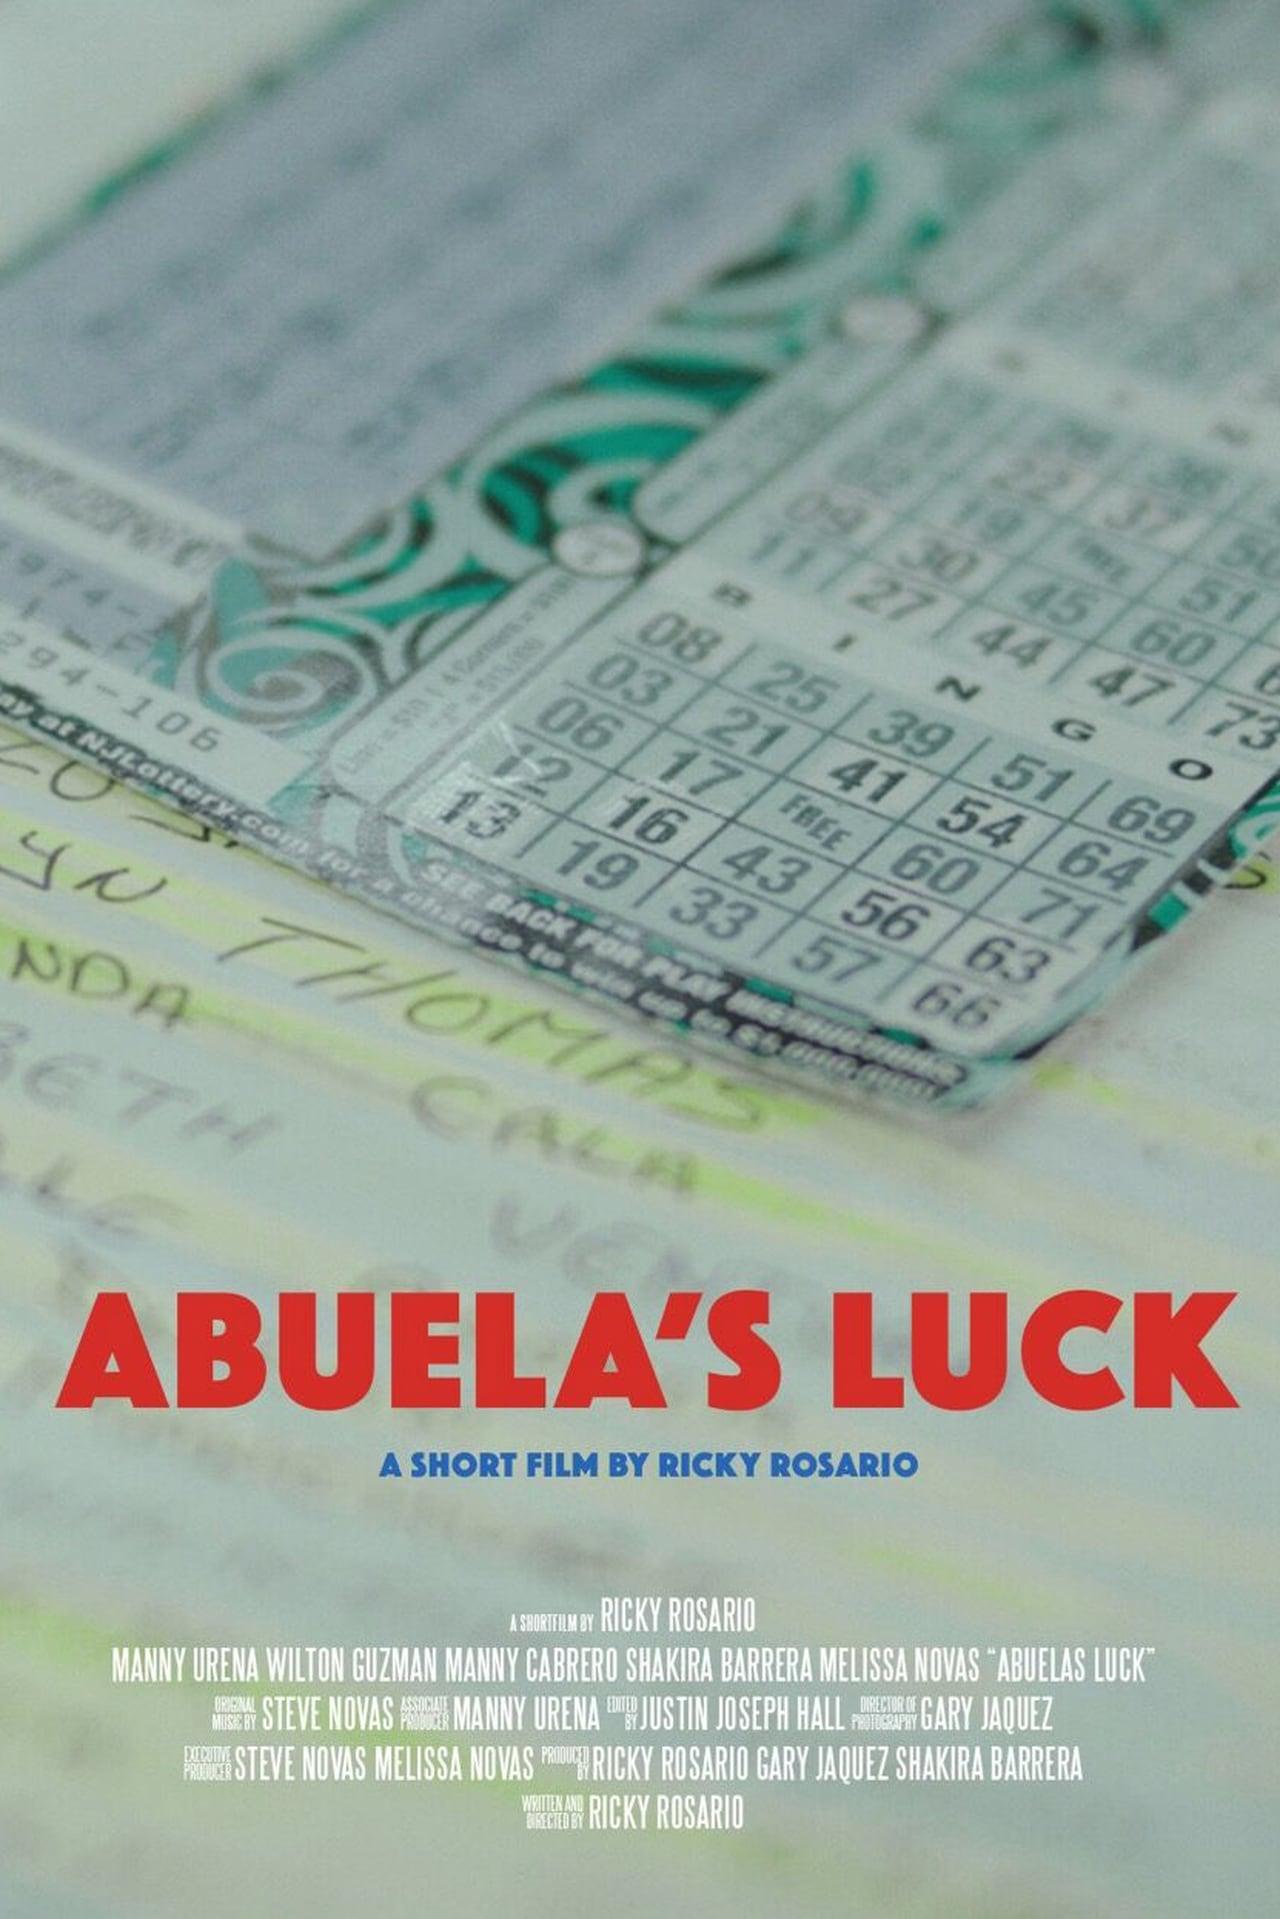 Abuela's Luck